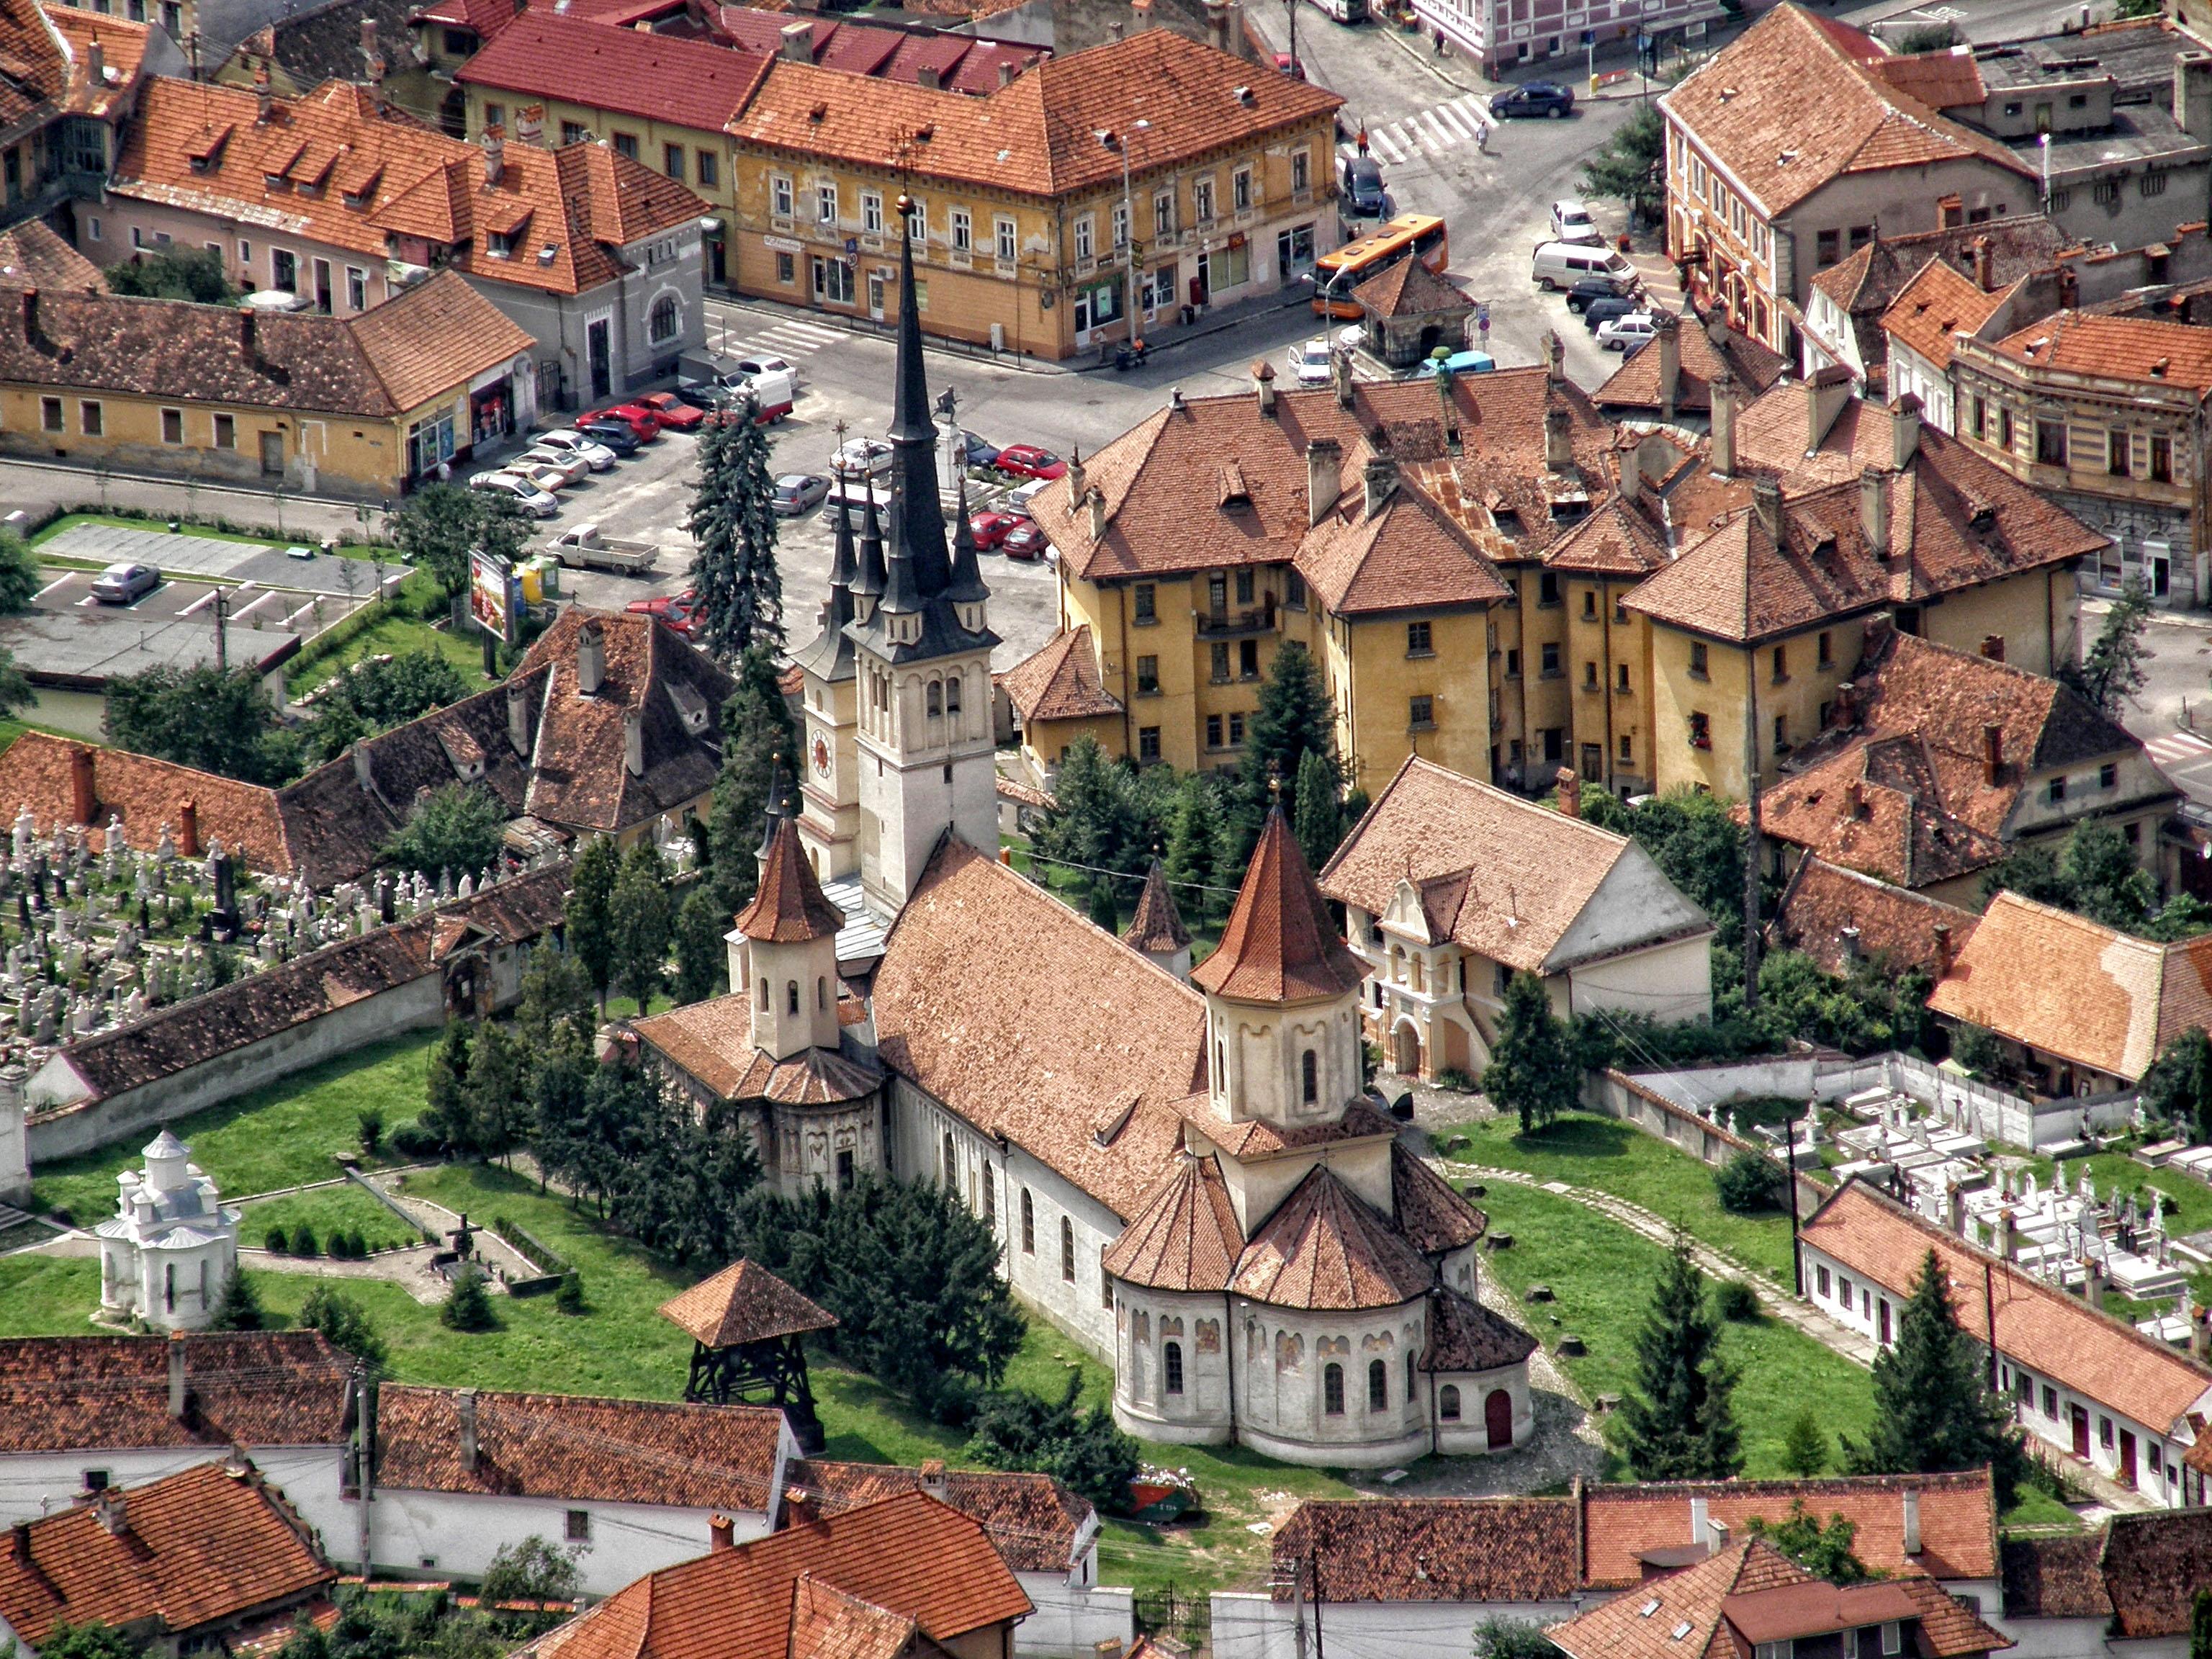 https://i1.wp.com/upload.wikimedia.org/wikipedia/commons/2/25/Biserica_Sfantu_Nicolae.JPG